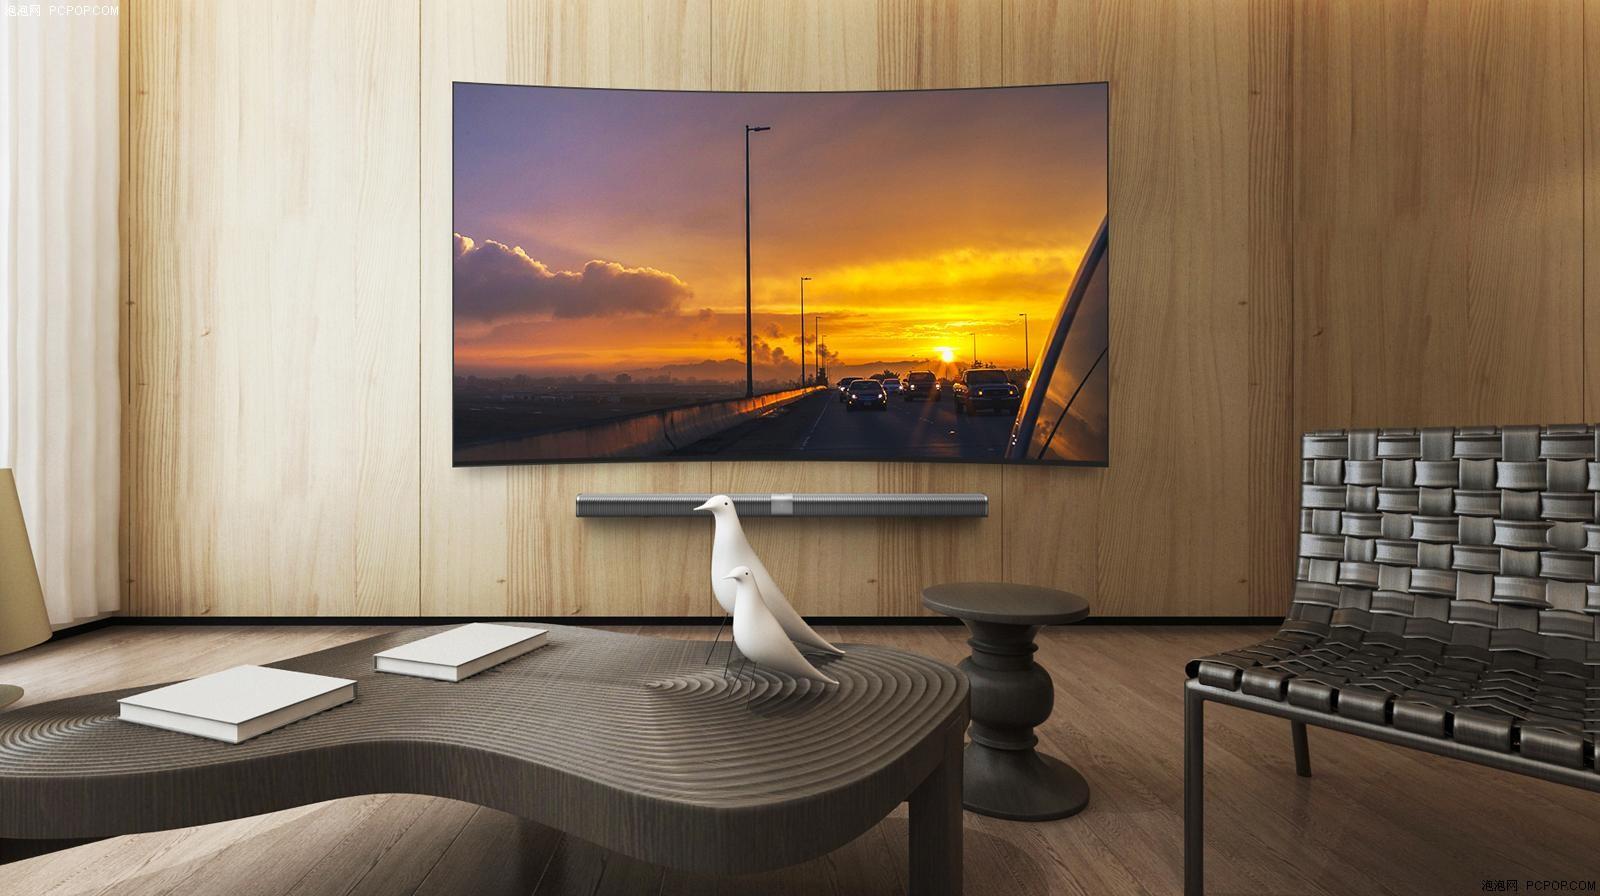 互联网电视全行业亏损 为什么小米却能盈利图片